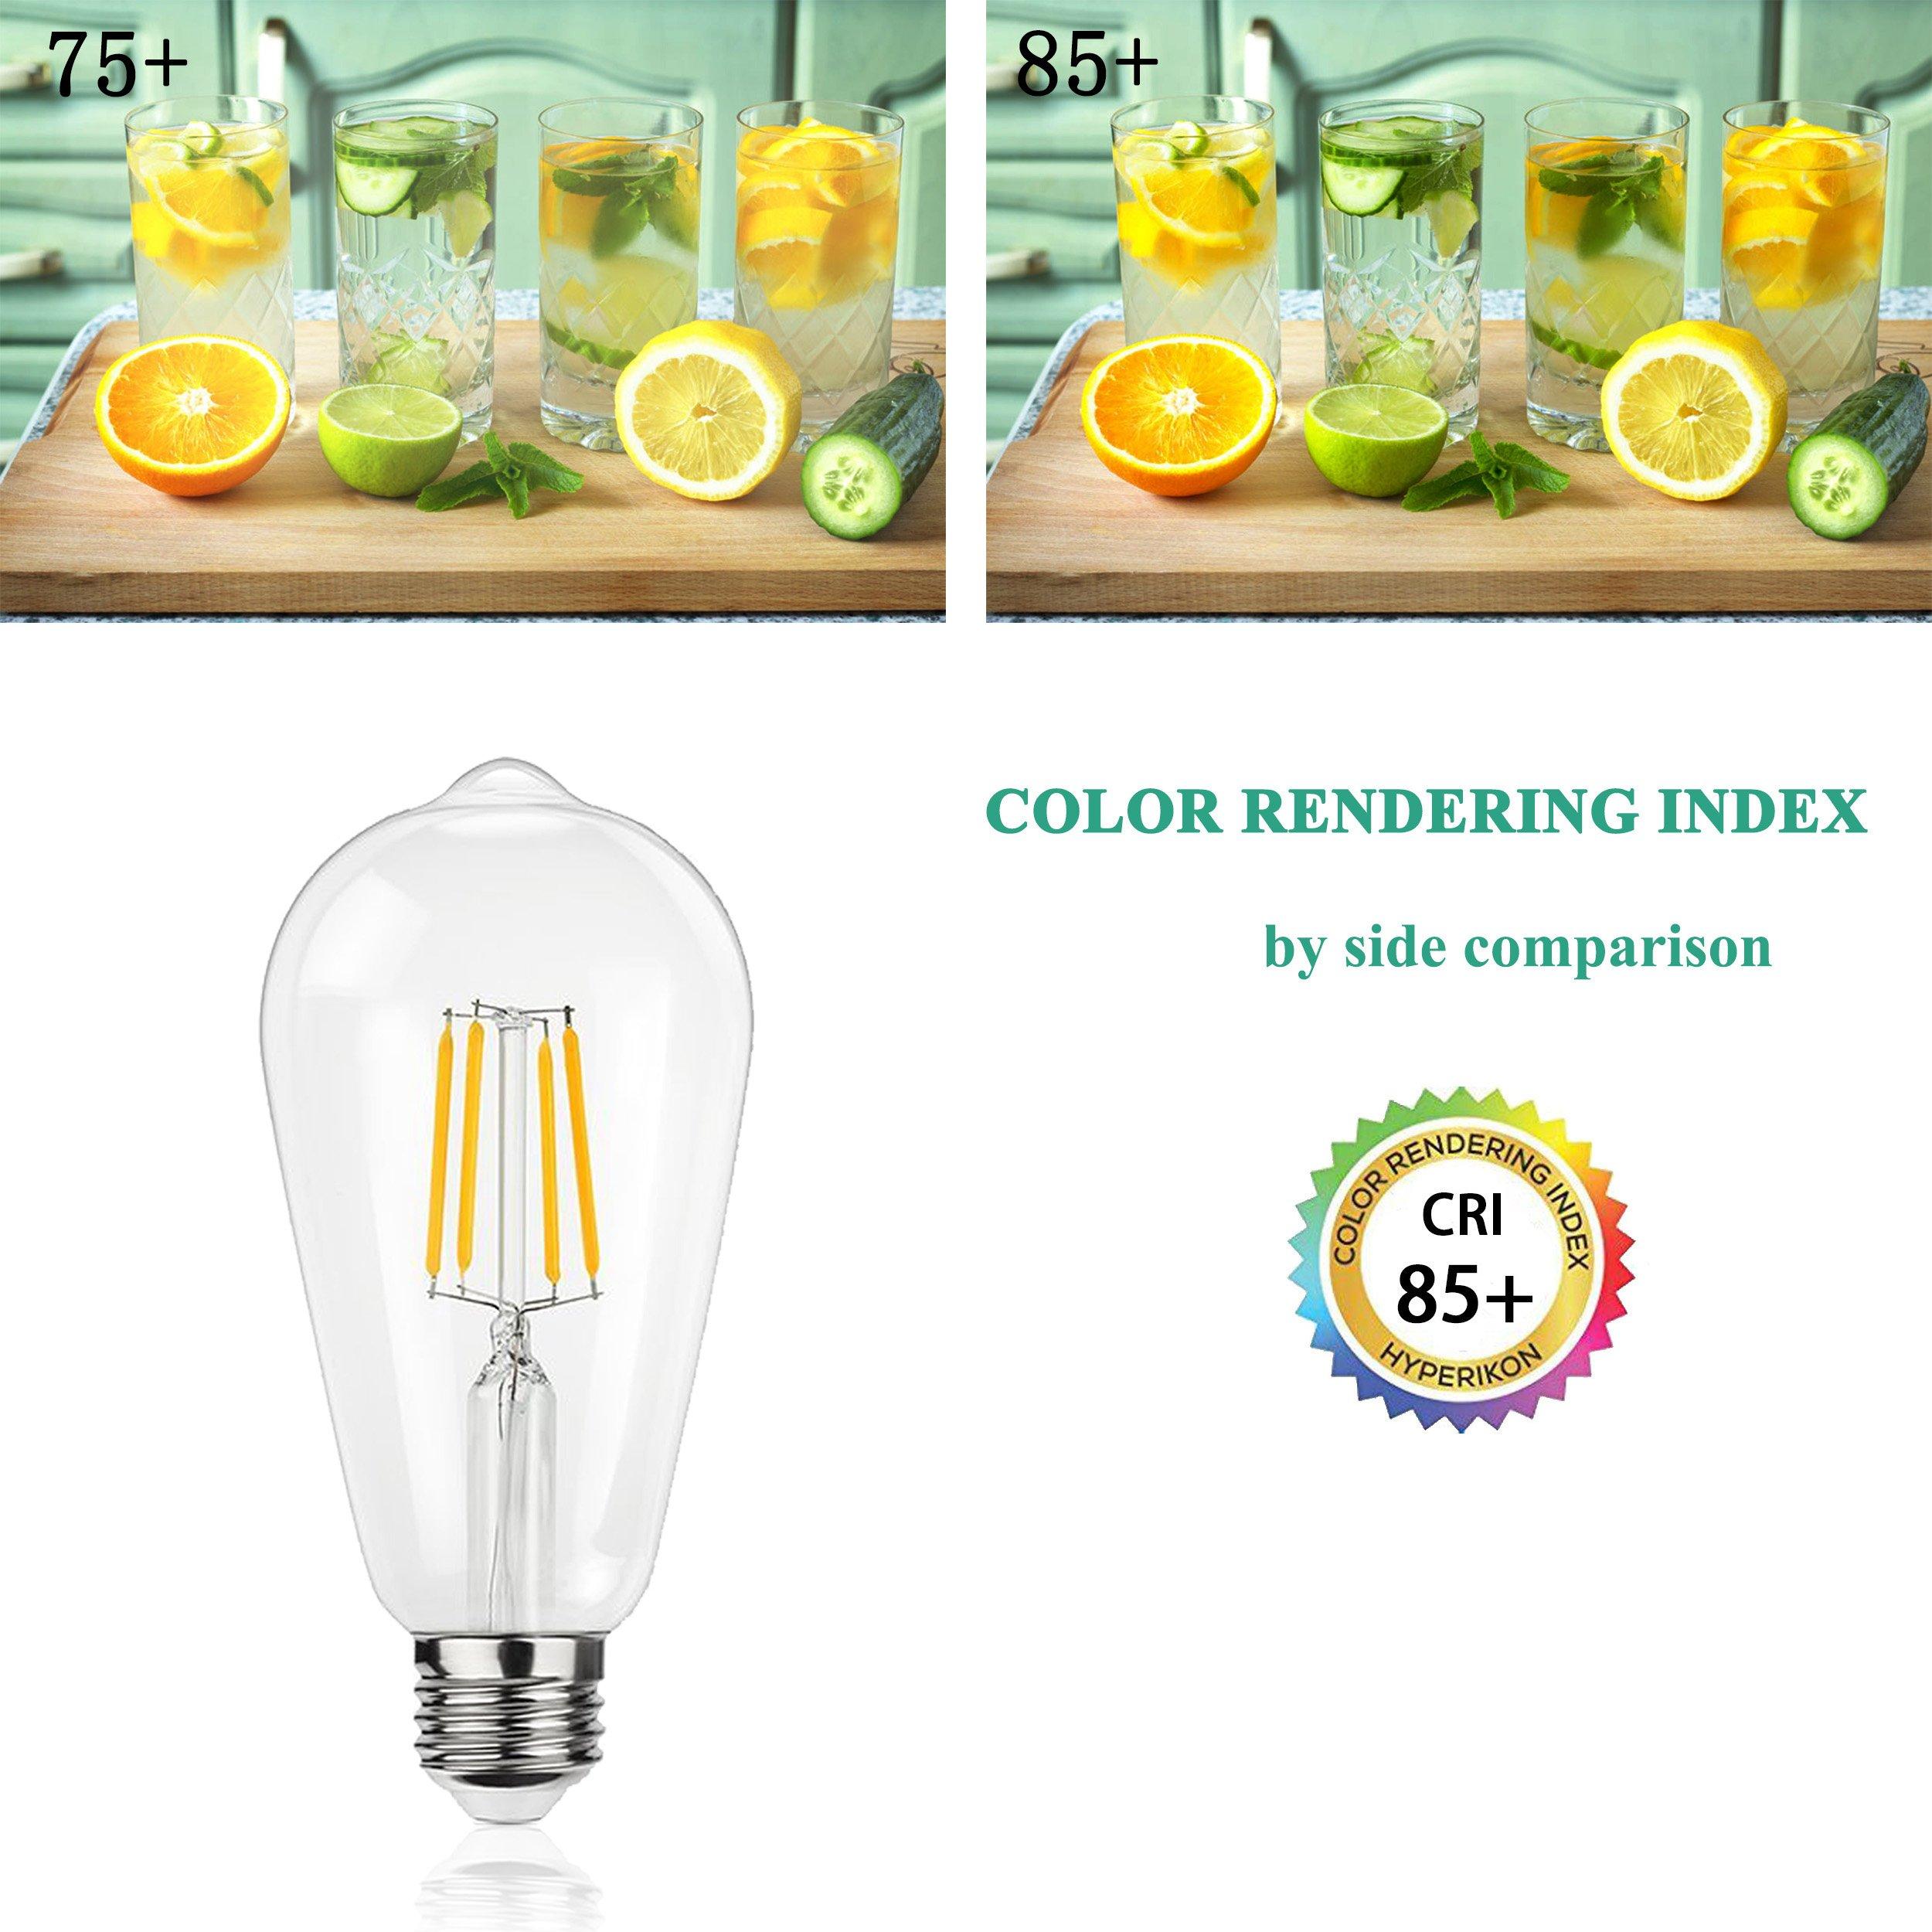 LED Edison Light Bulb – 4 Watt ST64 LED Vintage Style Filament Light Bulb(40 Watt Equivalent), Not Dimmable E26 Base Light Bulb 2700K Natural White 120 Volt 400 Lumens for Decorative Home(Pack of 1)